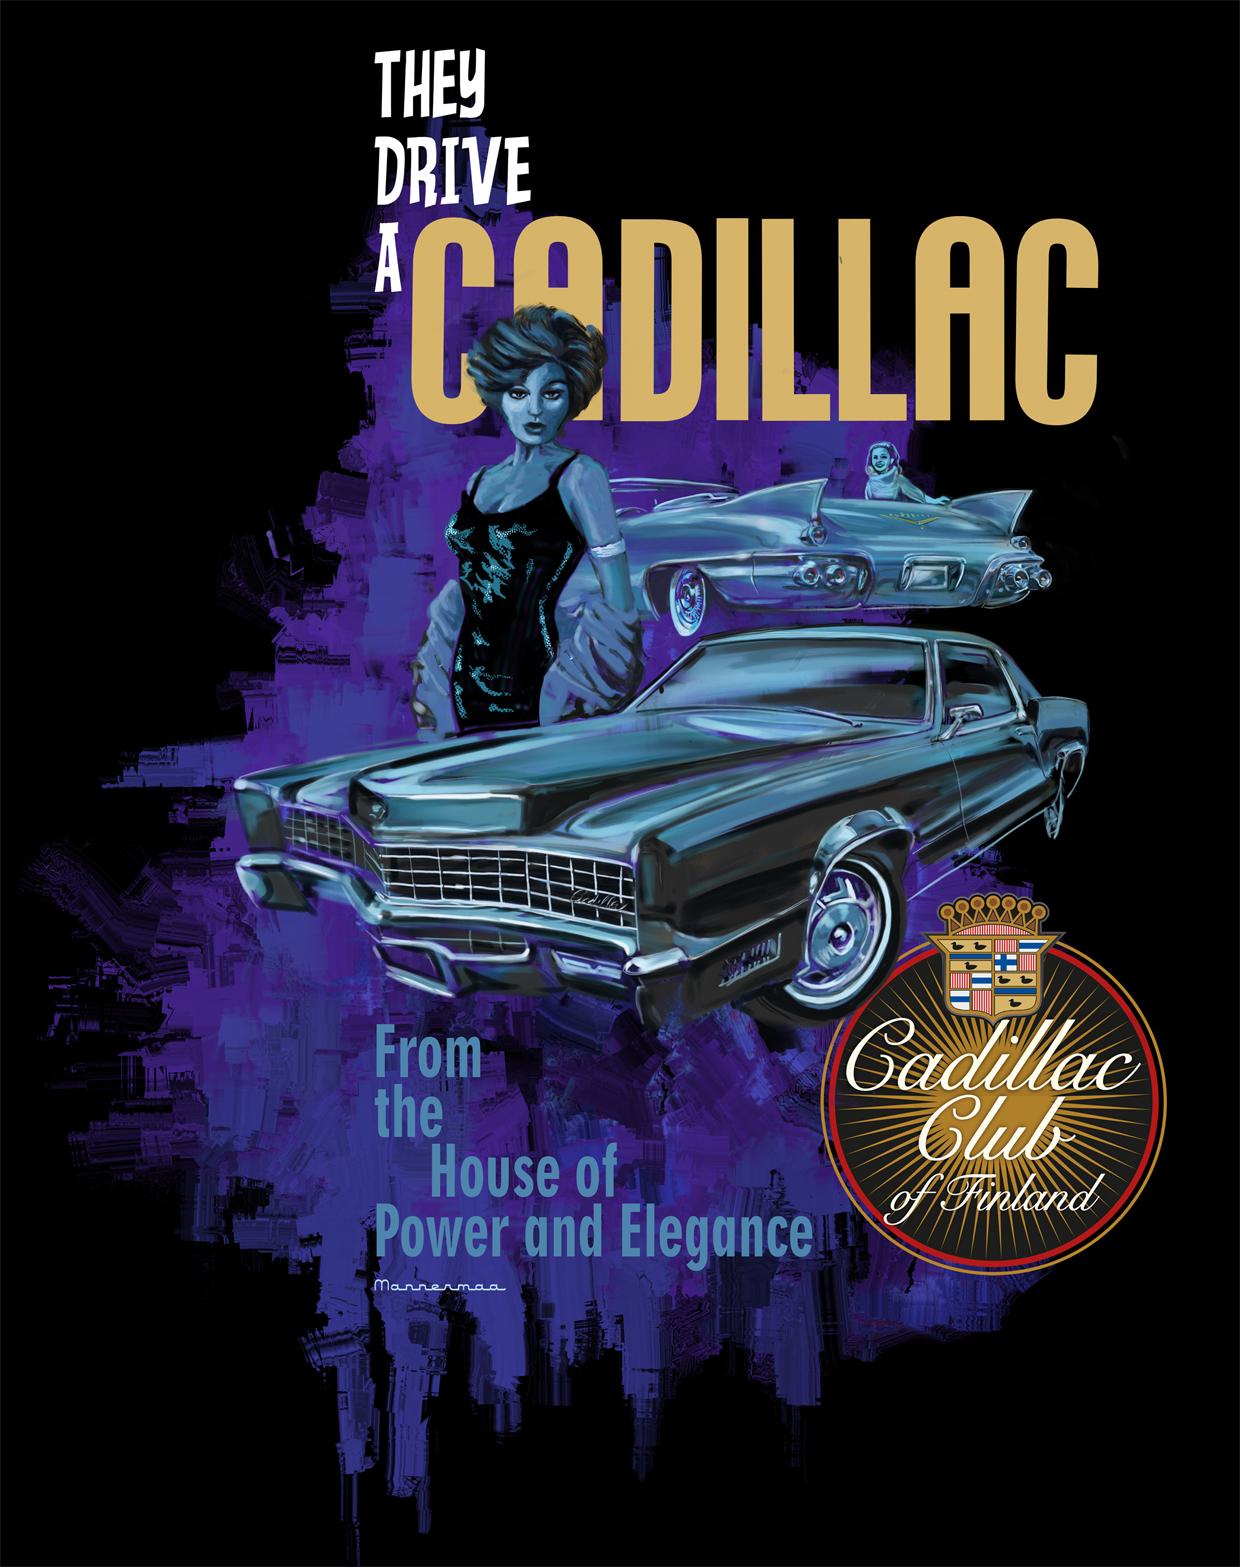 Wizzzcraft brushworks Cadillac Club